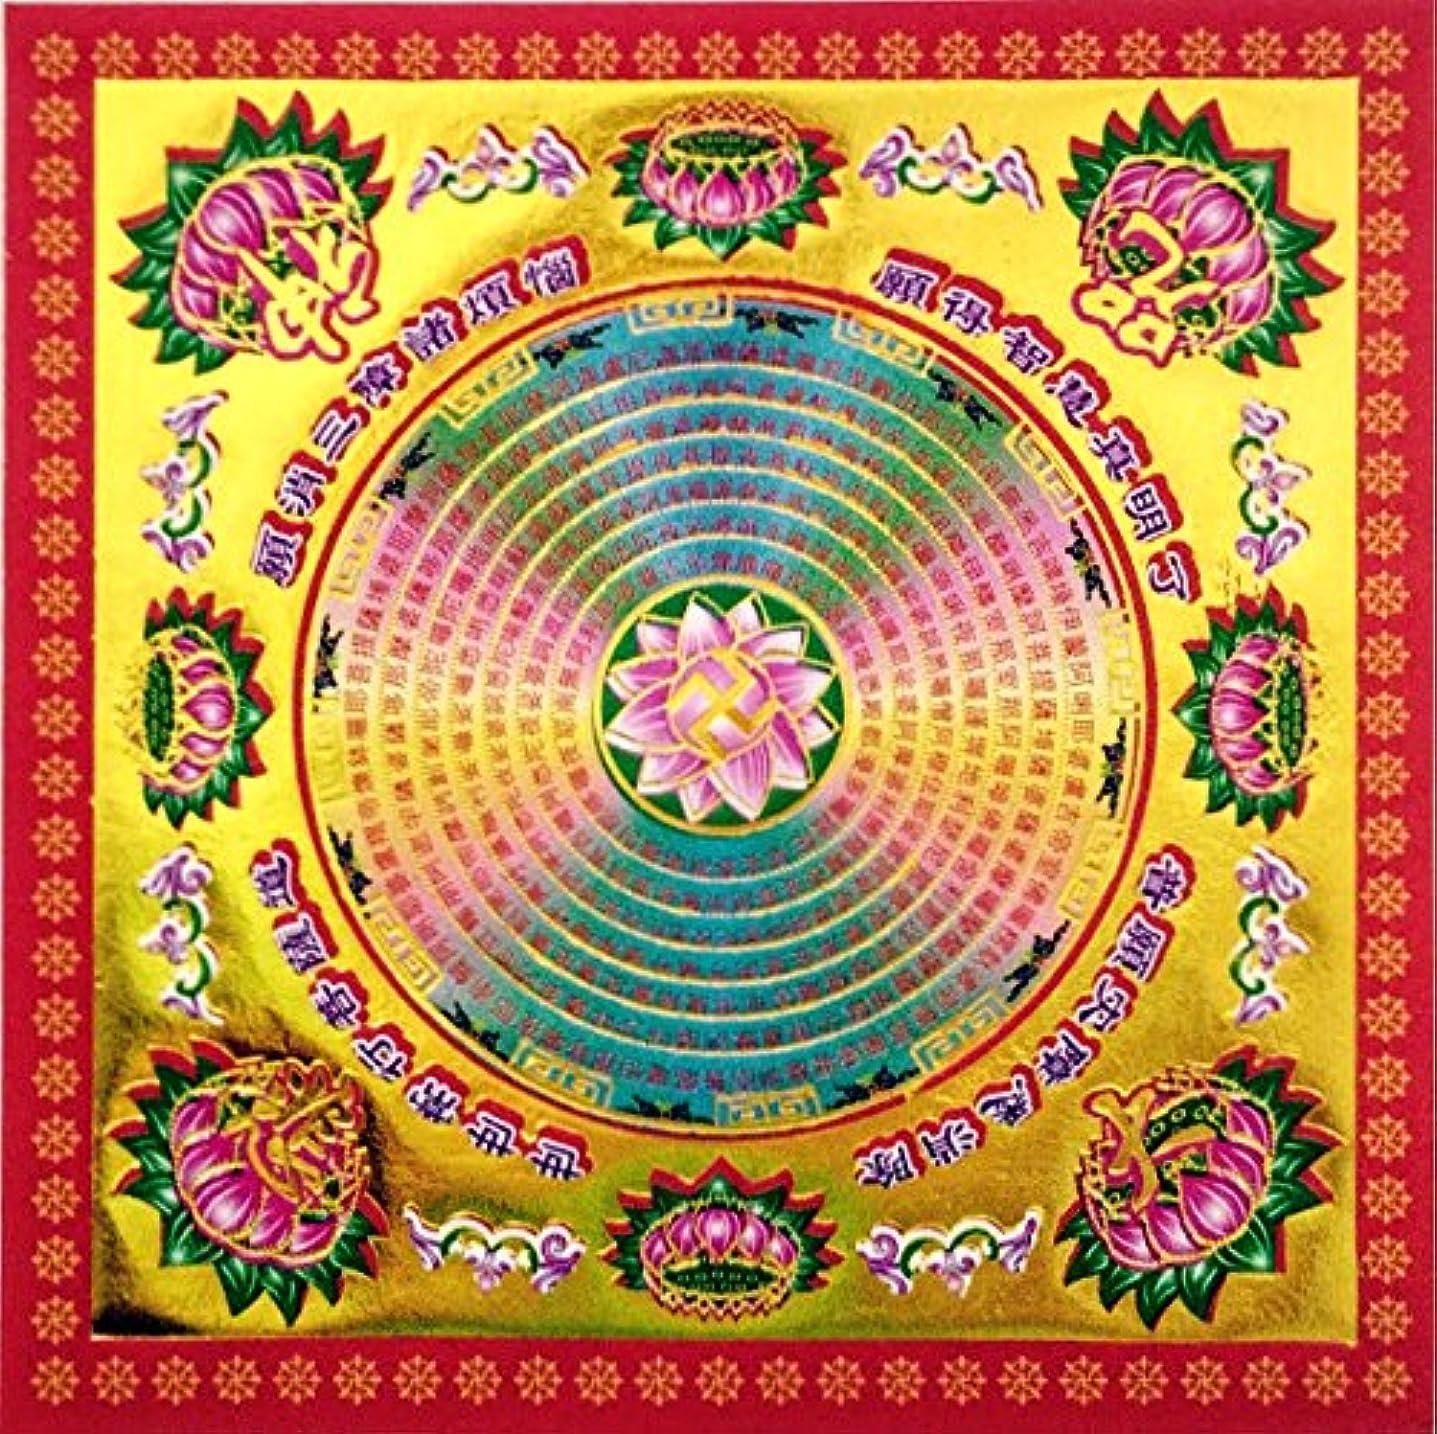 49pcs Incense用紙/ Joss用紙ハイグレードカラフルwithゴールドの箔Sサイズの祖先Praying 7.5インチx 7.5インチ(レッド)